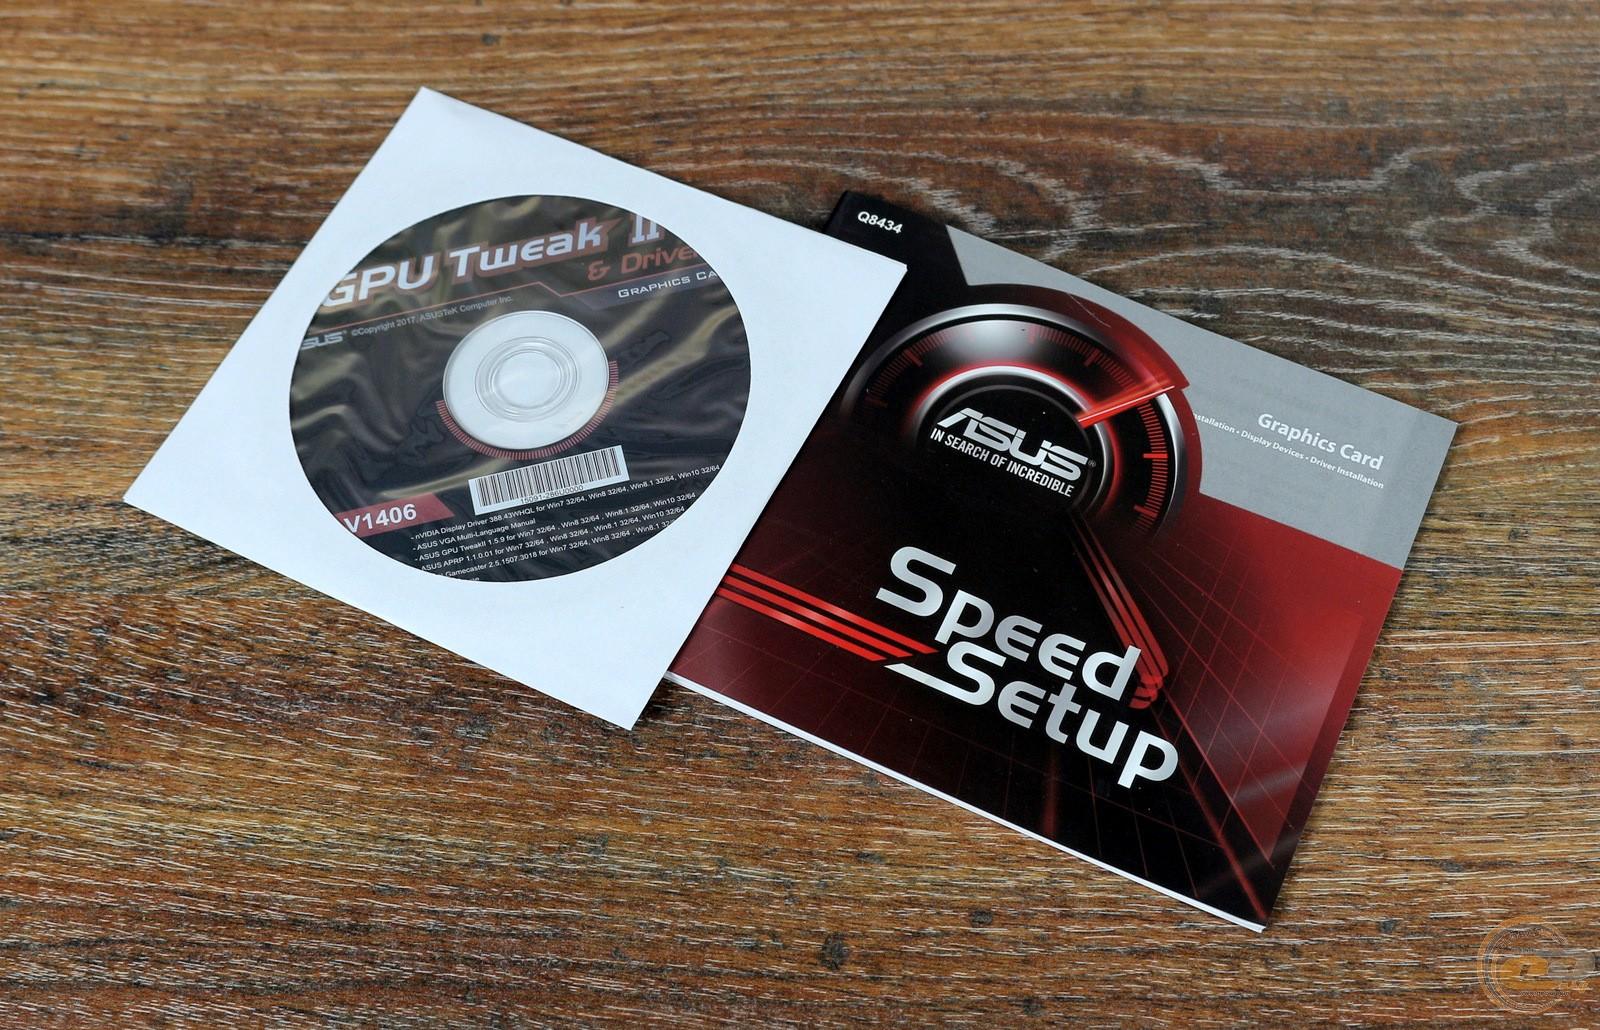 Обзор и тестирование видеокарты ASUS Expedition GeForce GTX